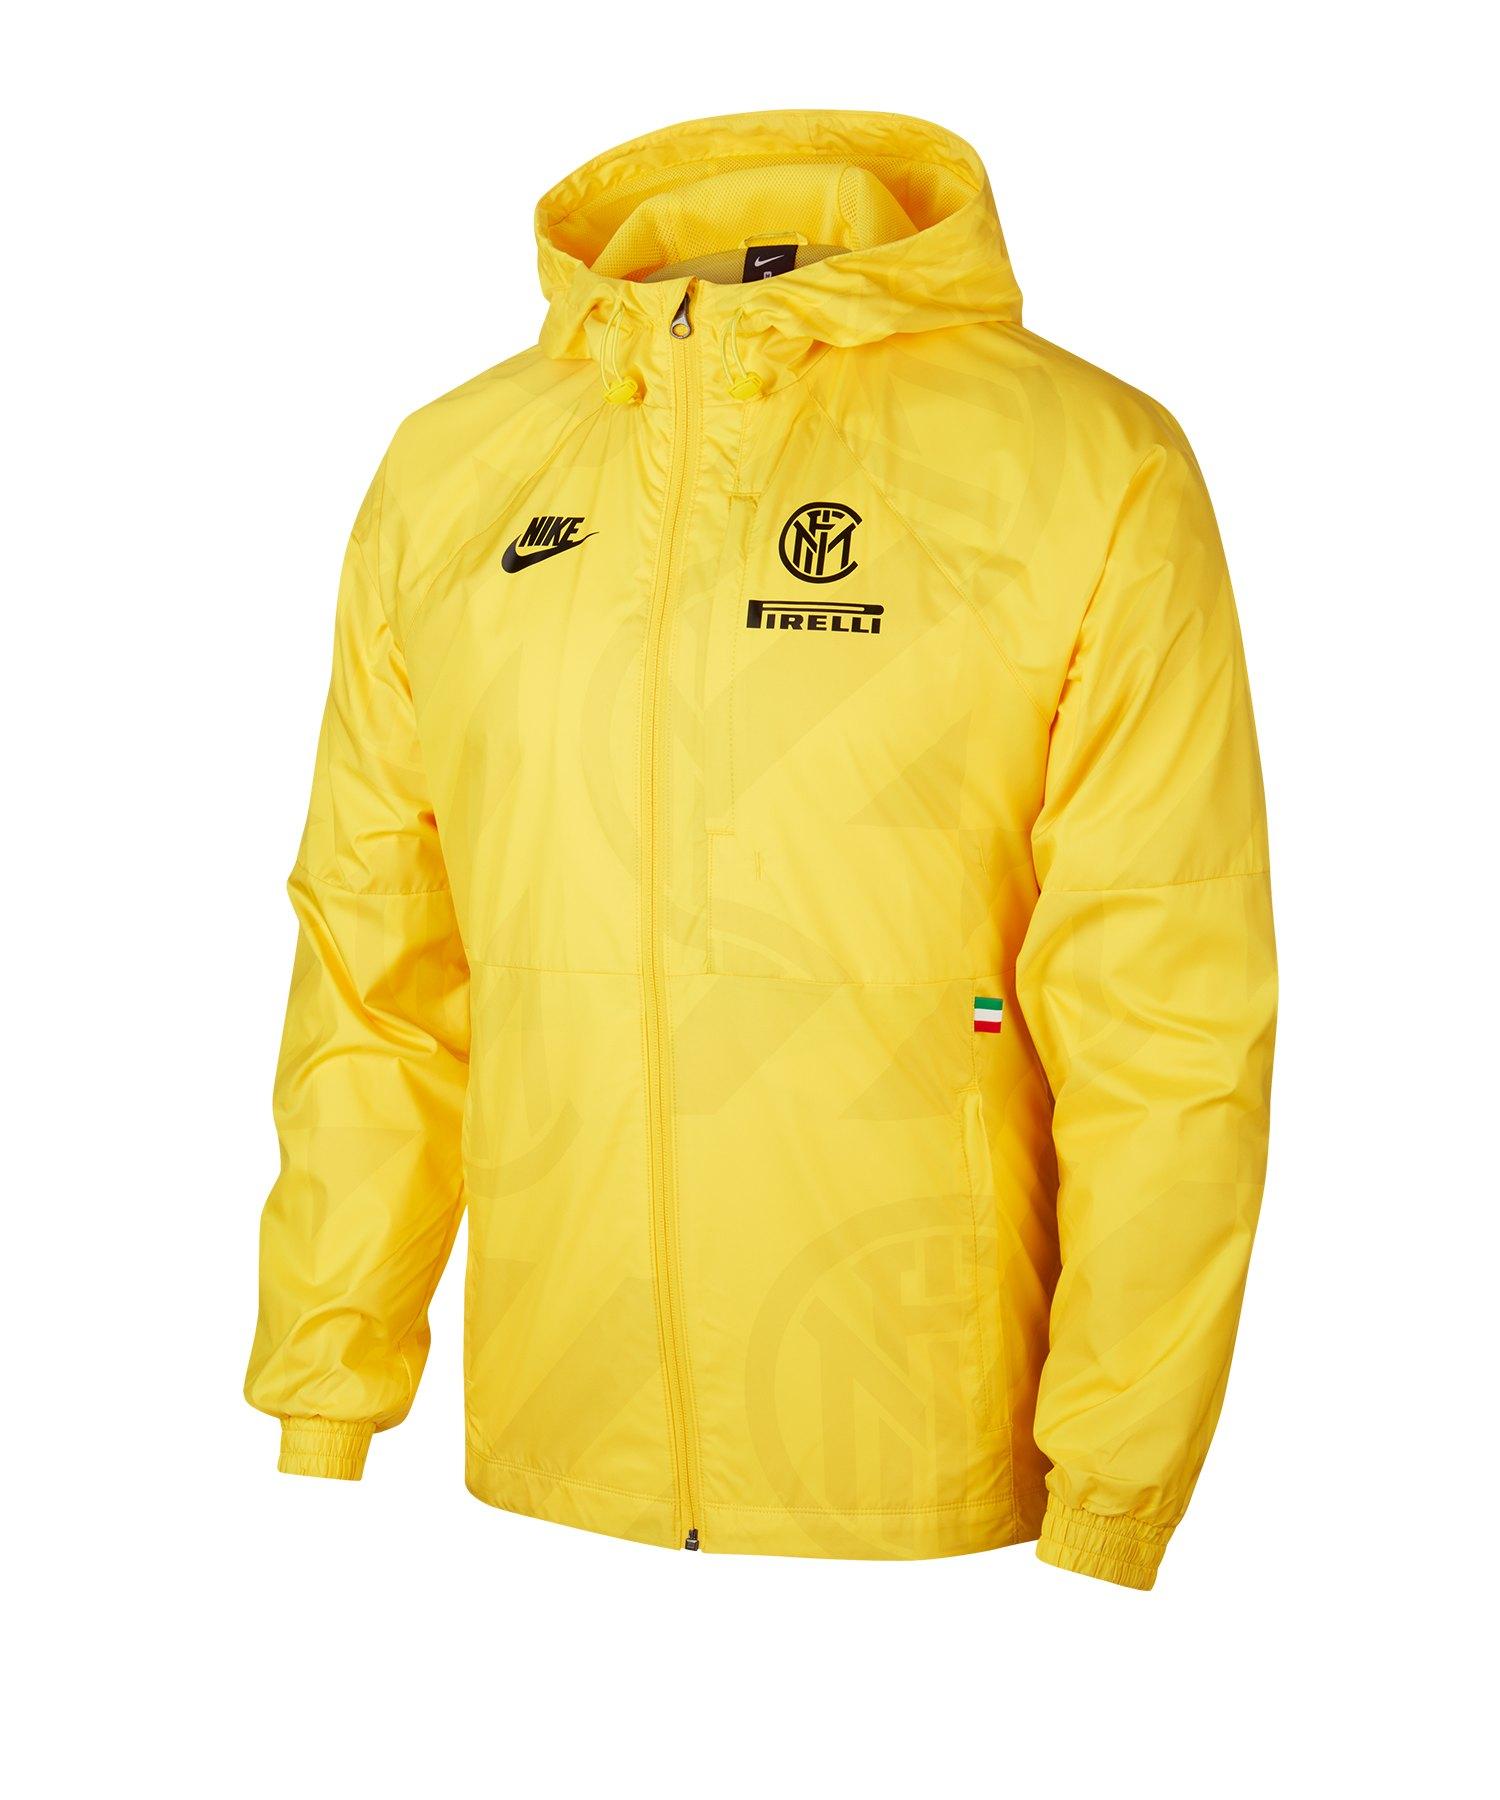 Nike Inter Mailand Pirelli Jacke Gelb F719 - gelb